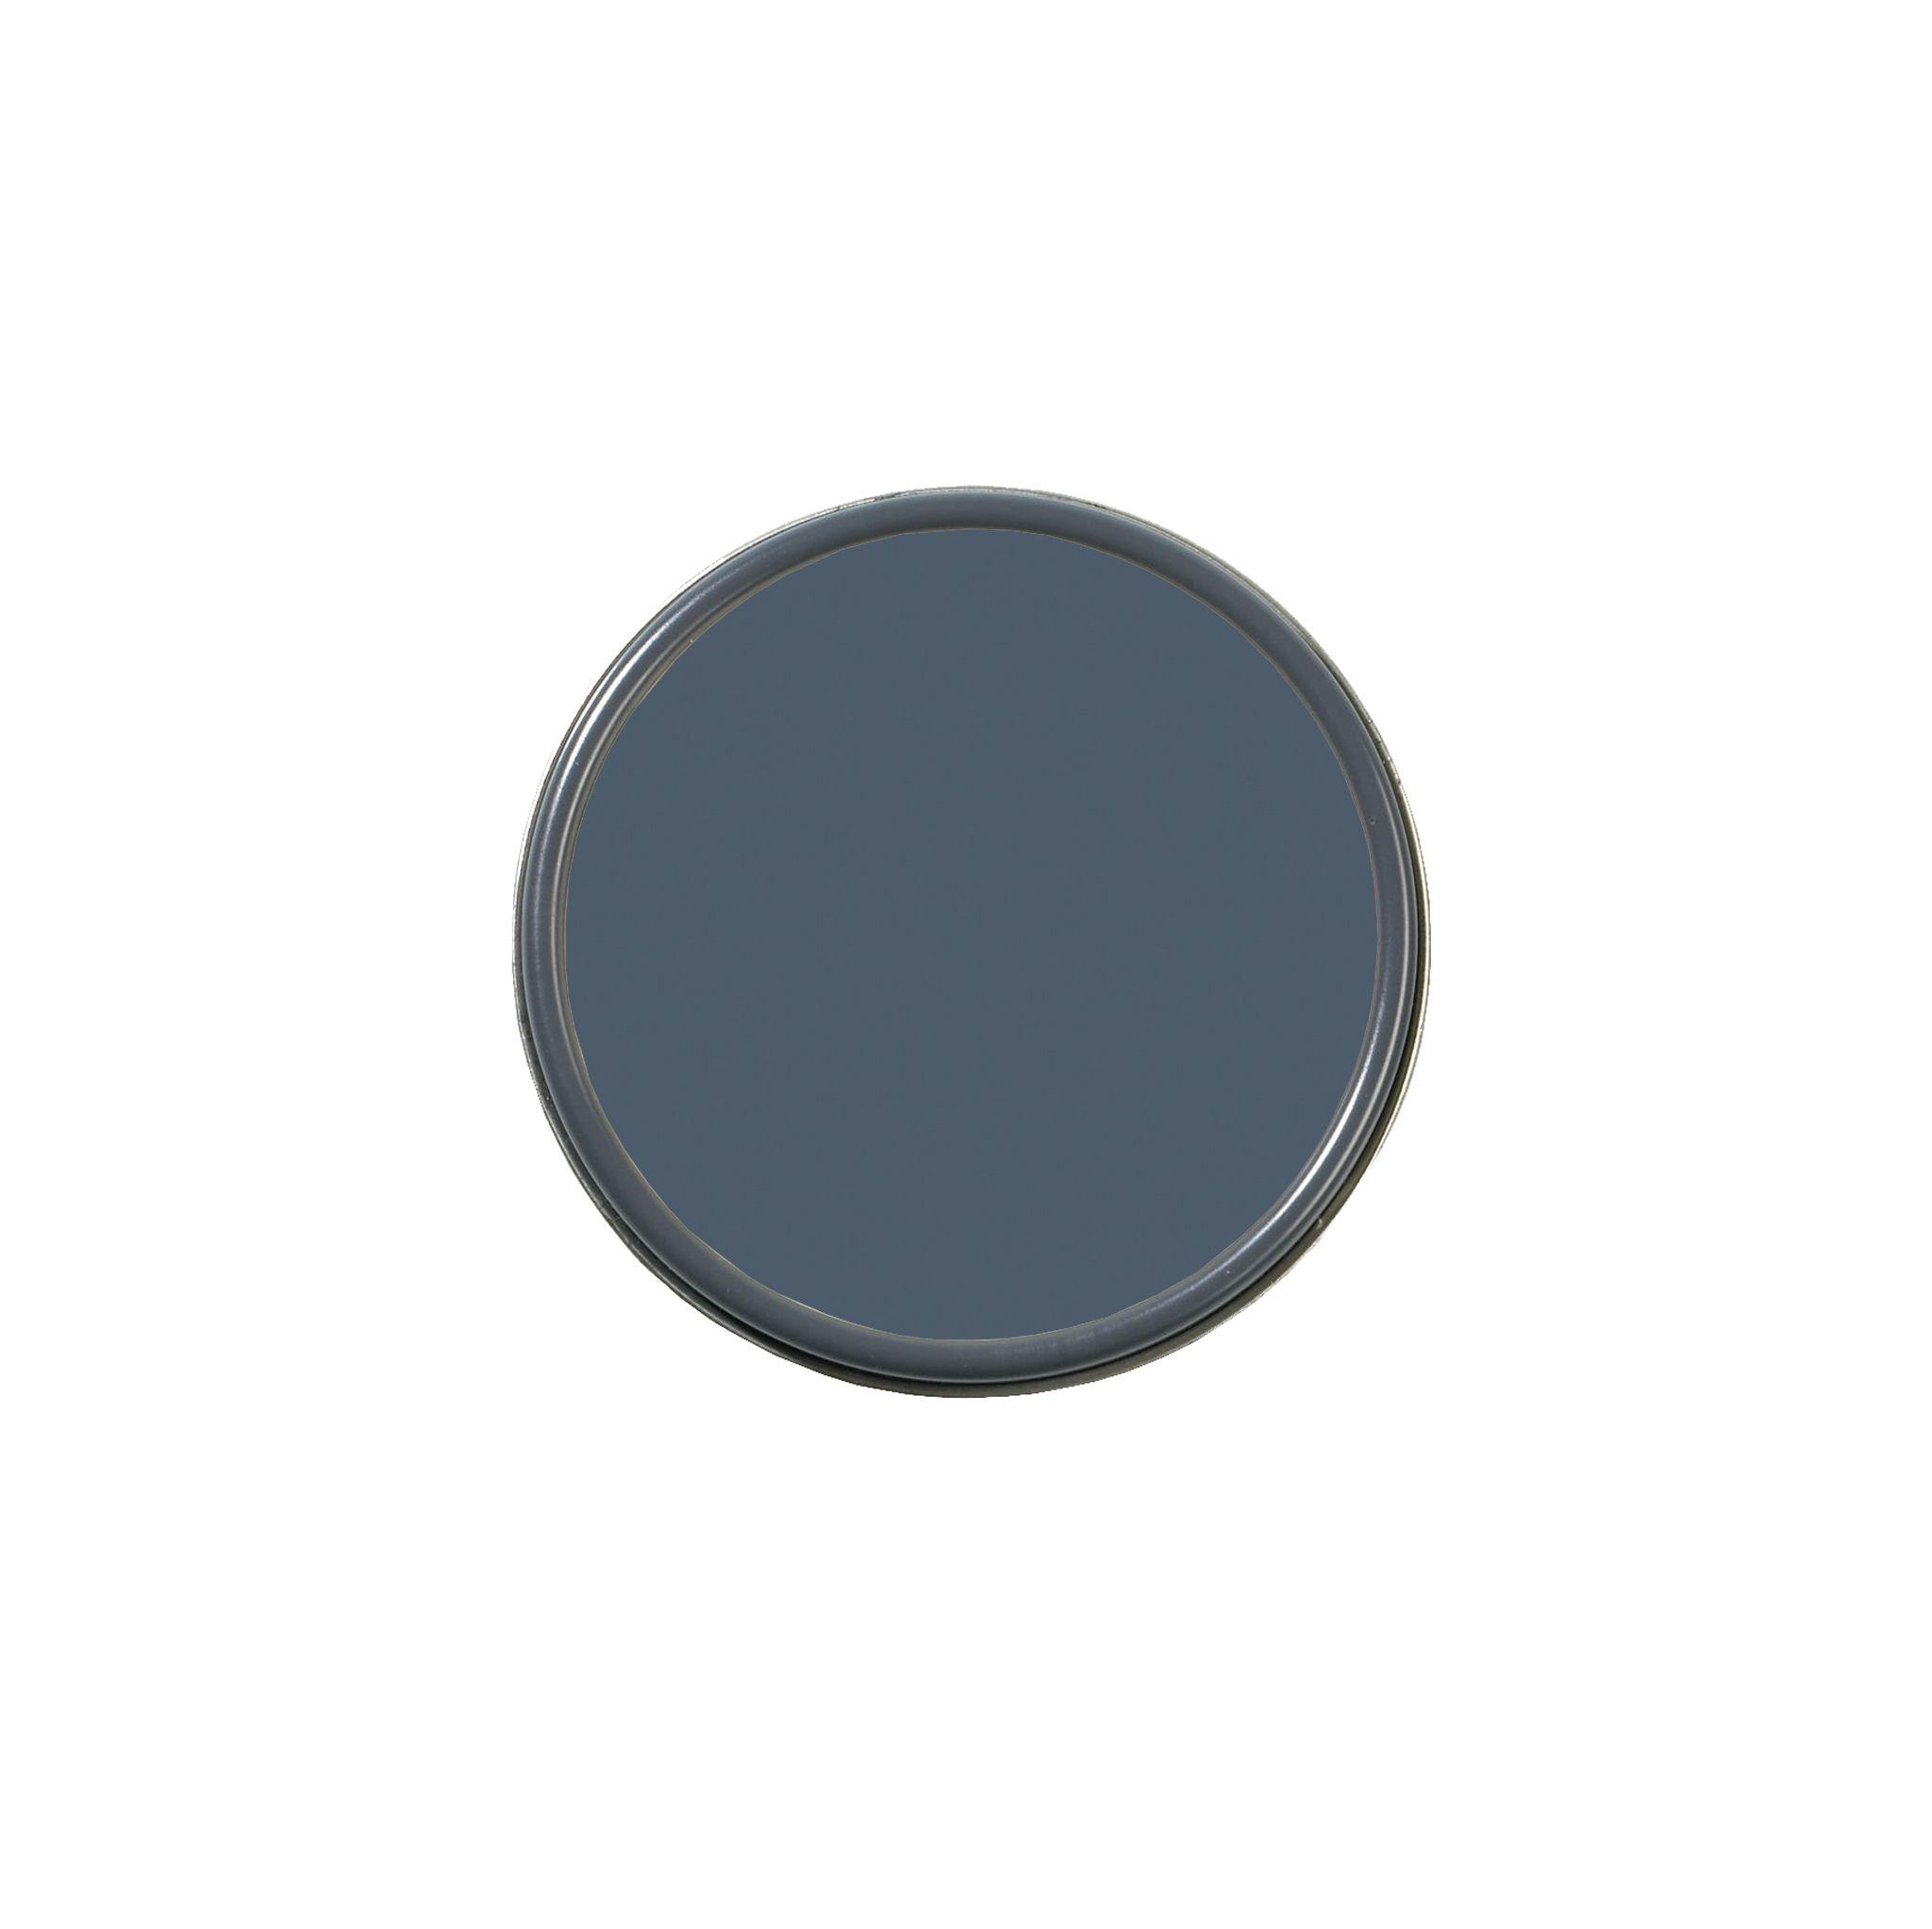 Farrow & Ball - Stiffkey Blue